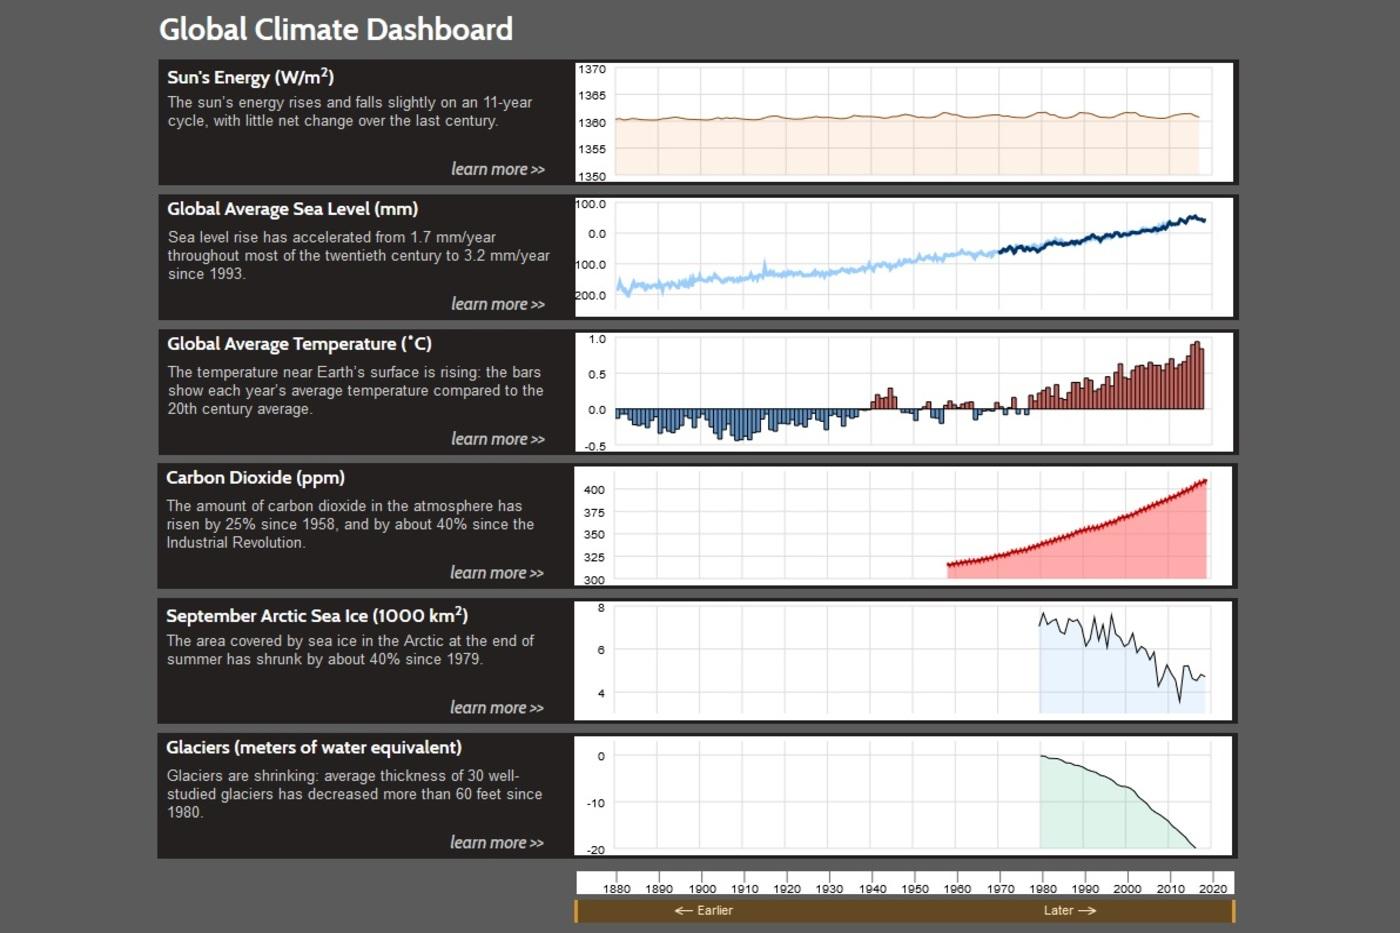 Les statistiques du changement climatique